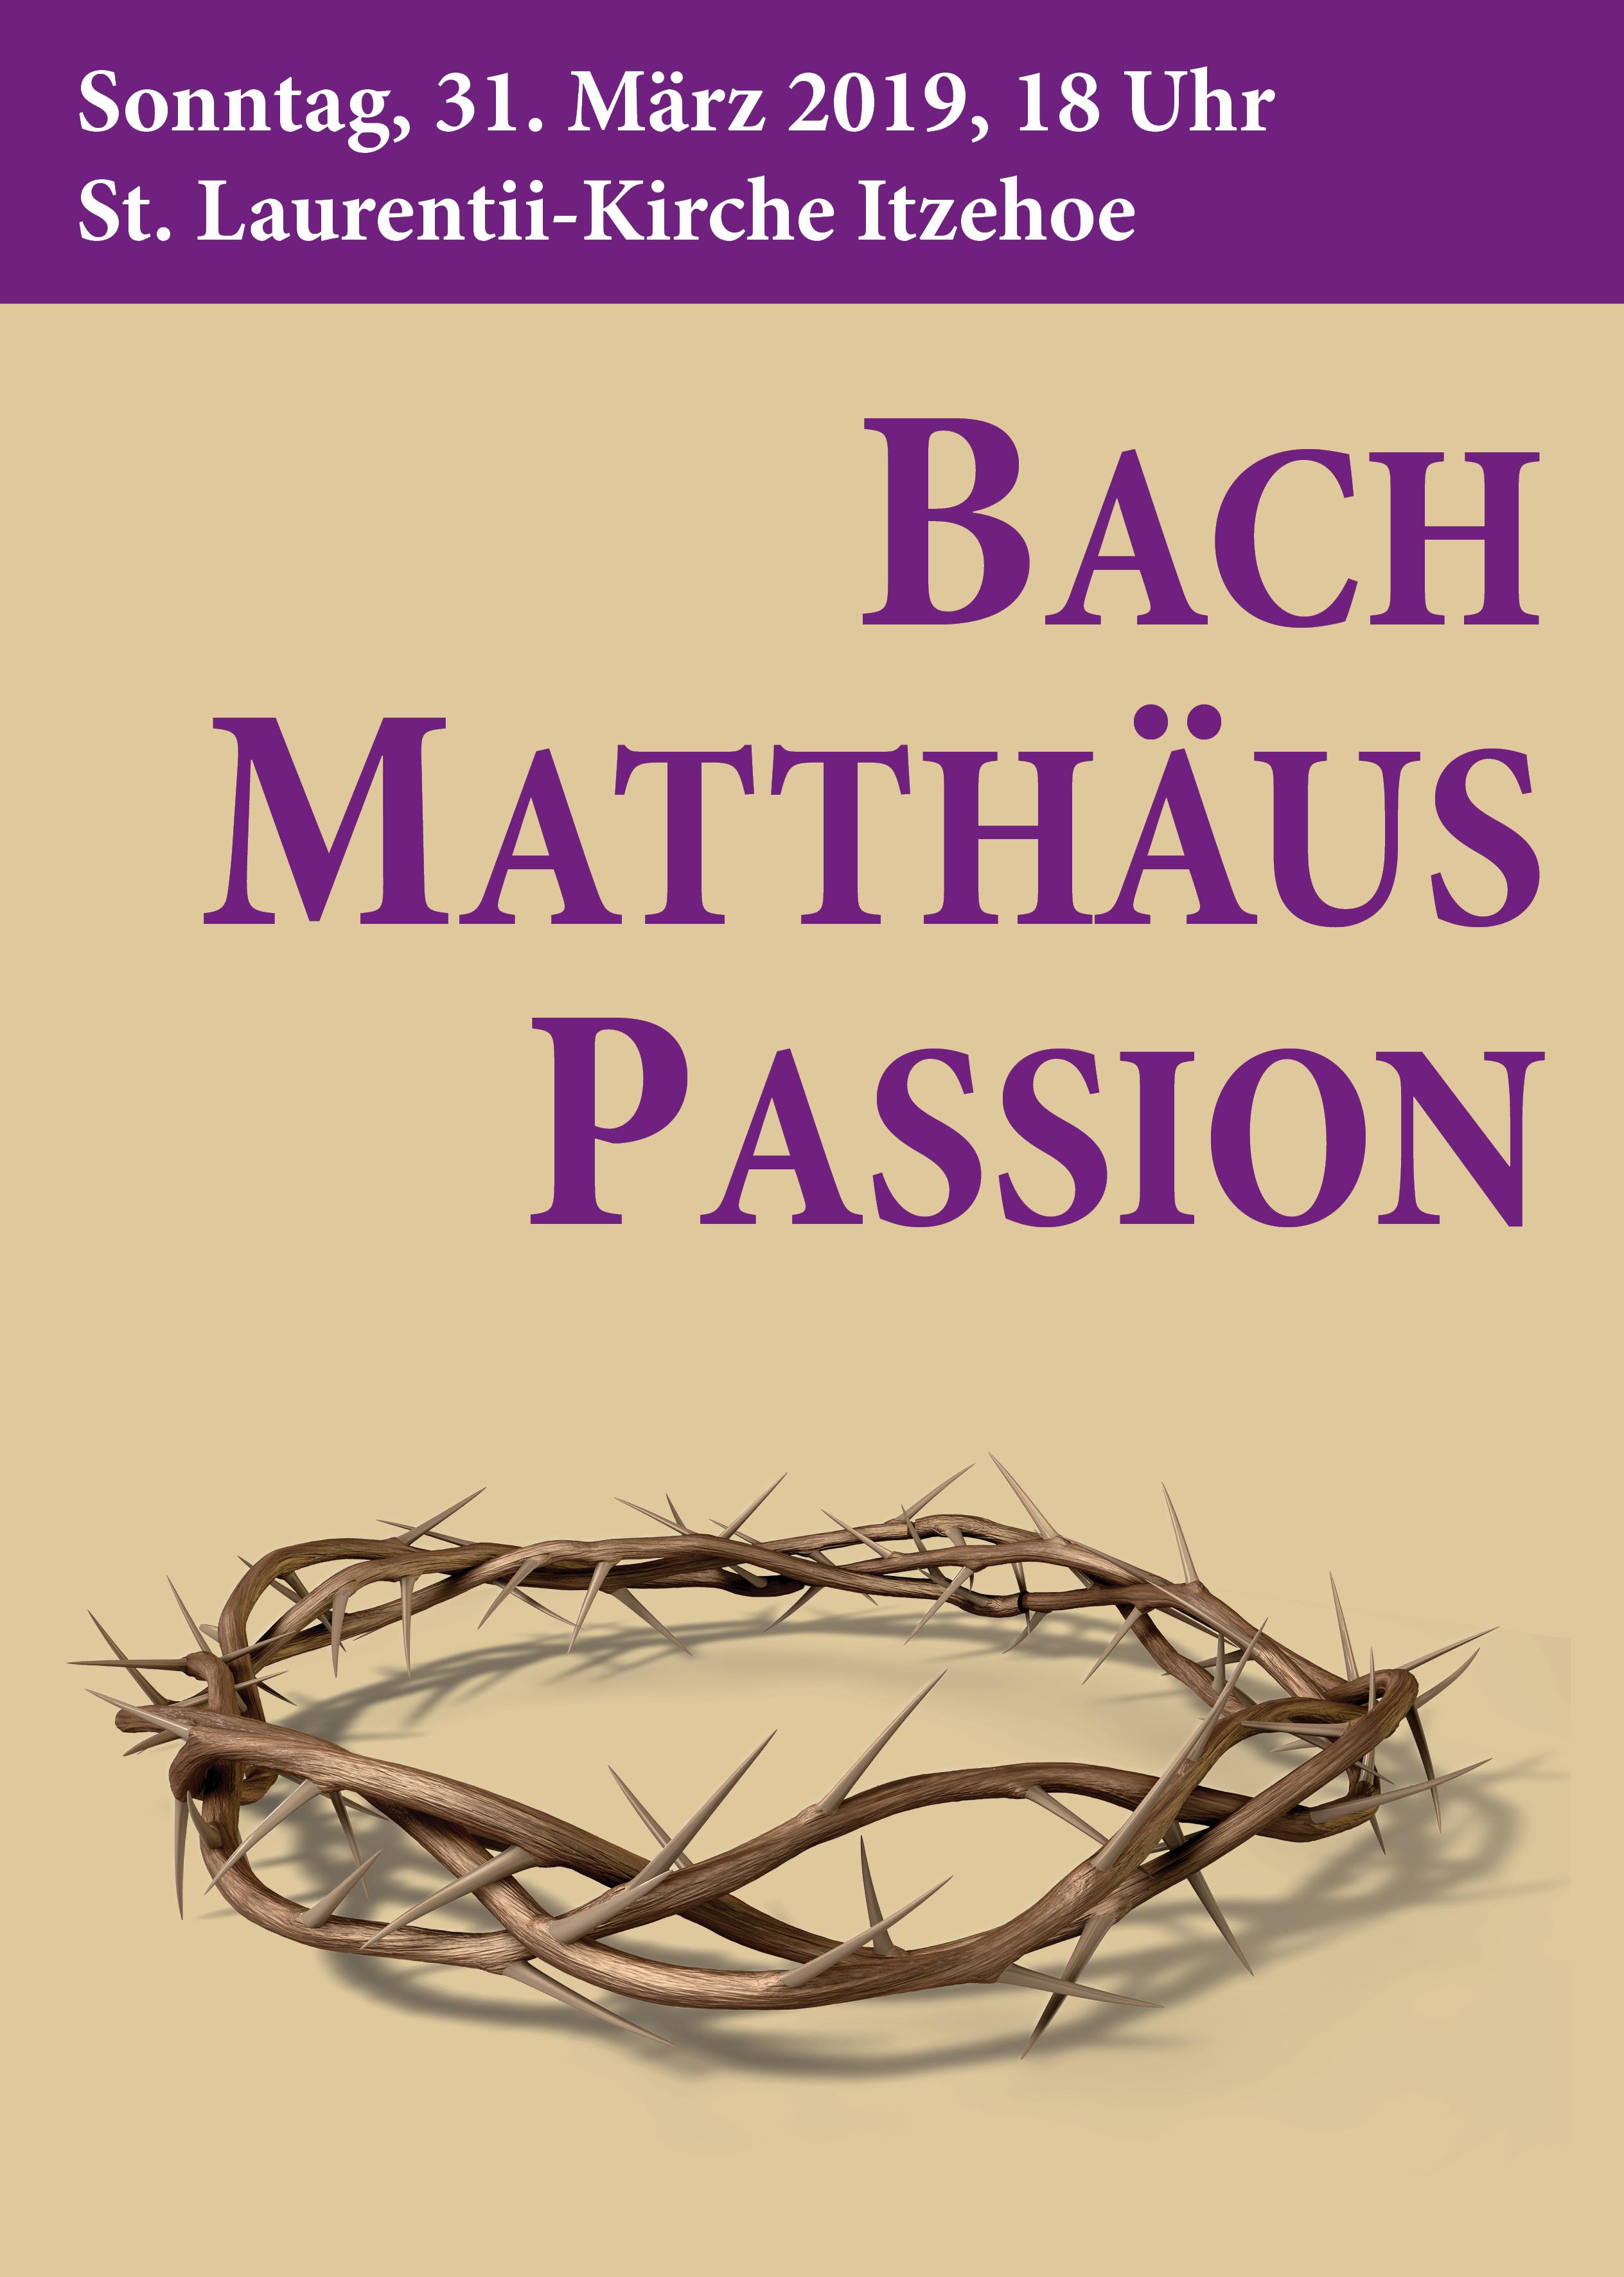 Plakat Matthäuspassion